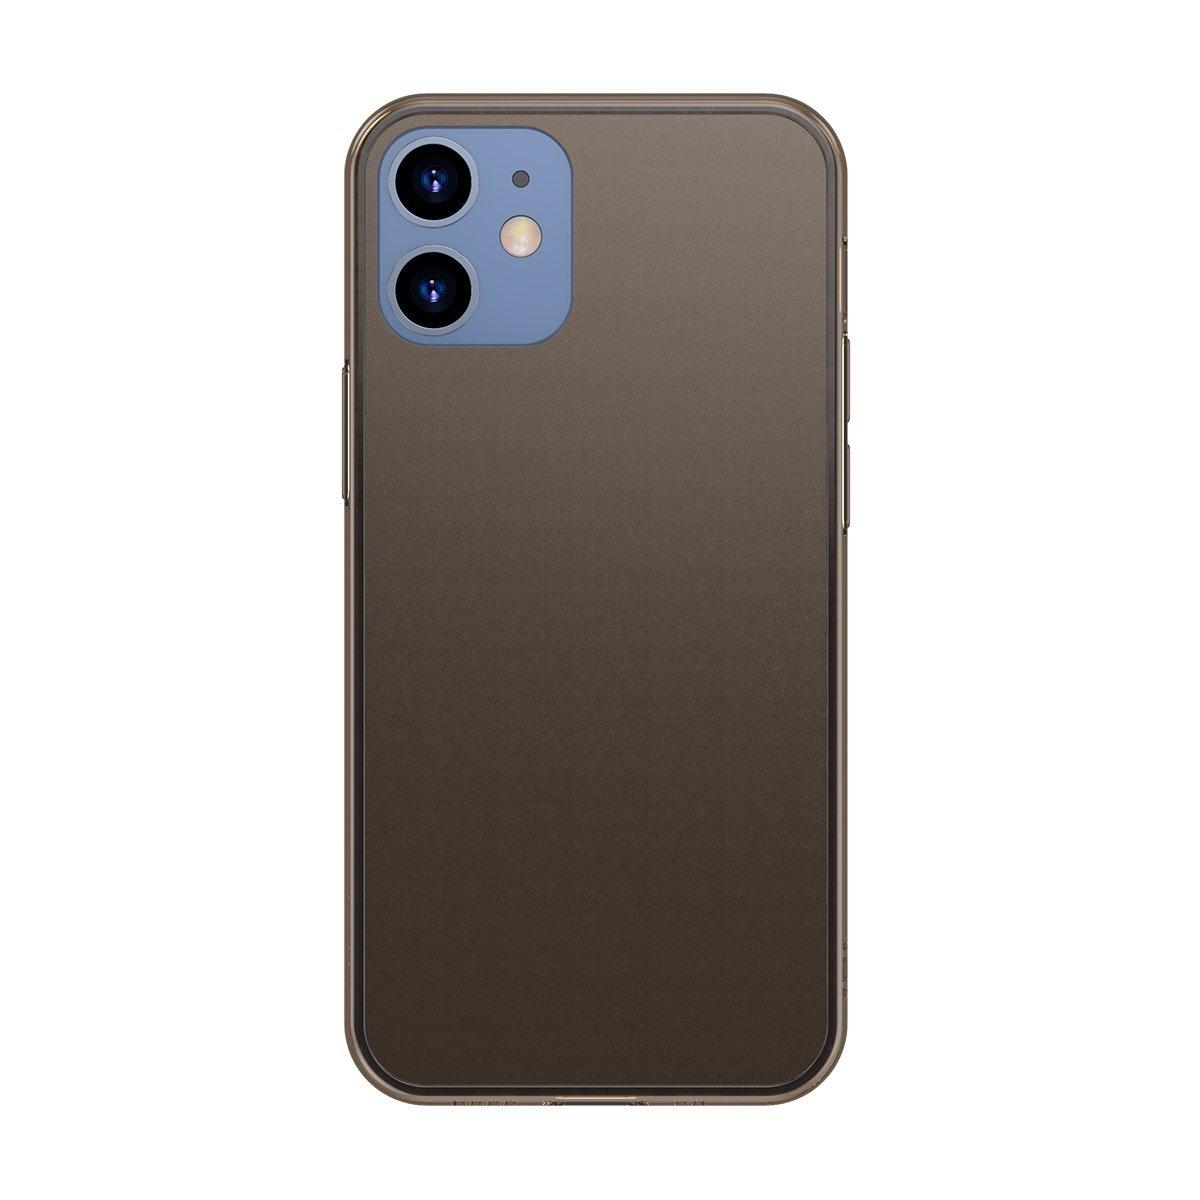 Husa pentru Apple iPhone 12, Baseus Frosted Glass, Negru, 6.1 inch imagine